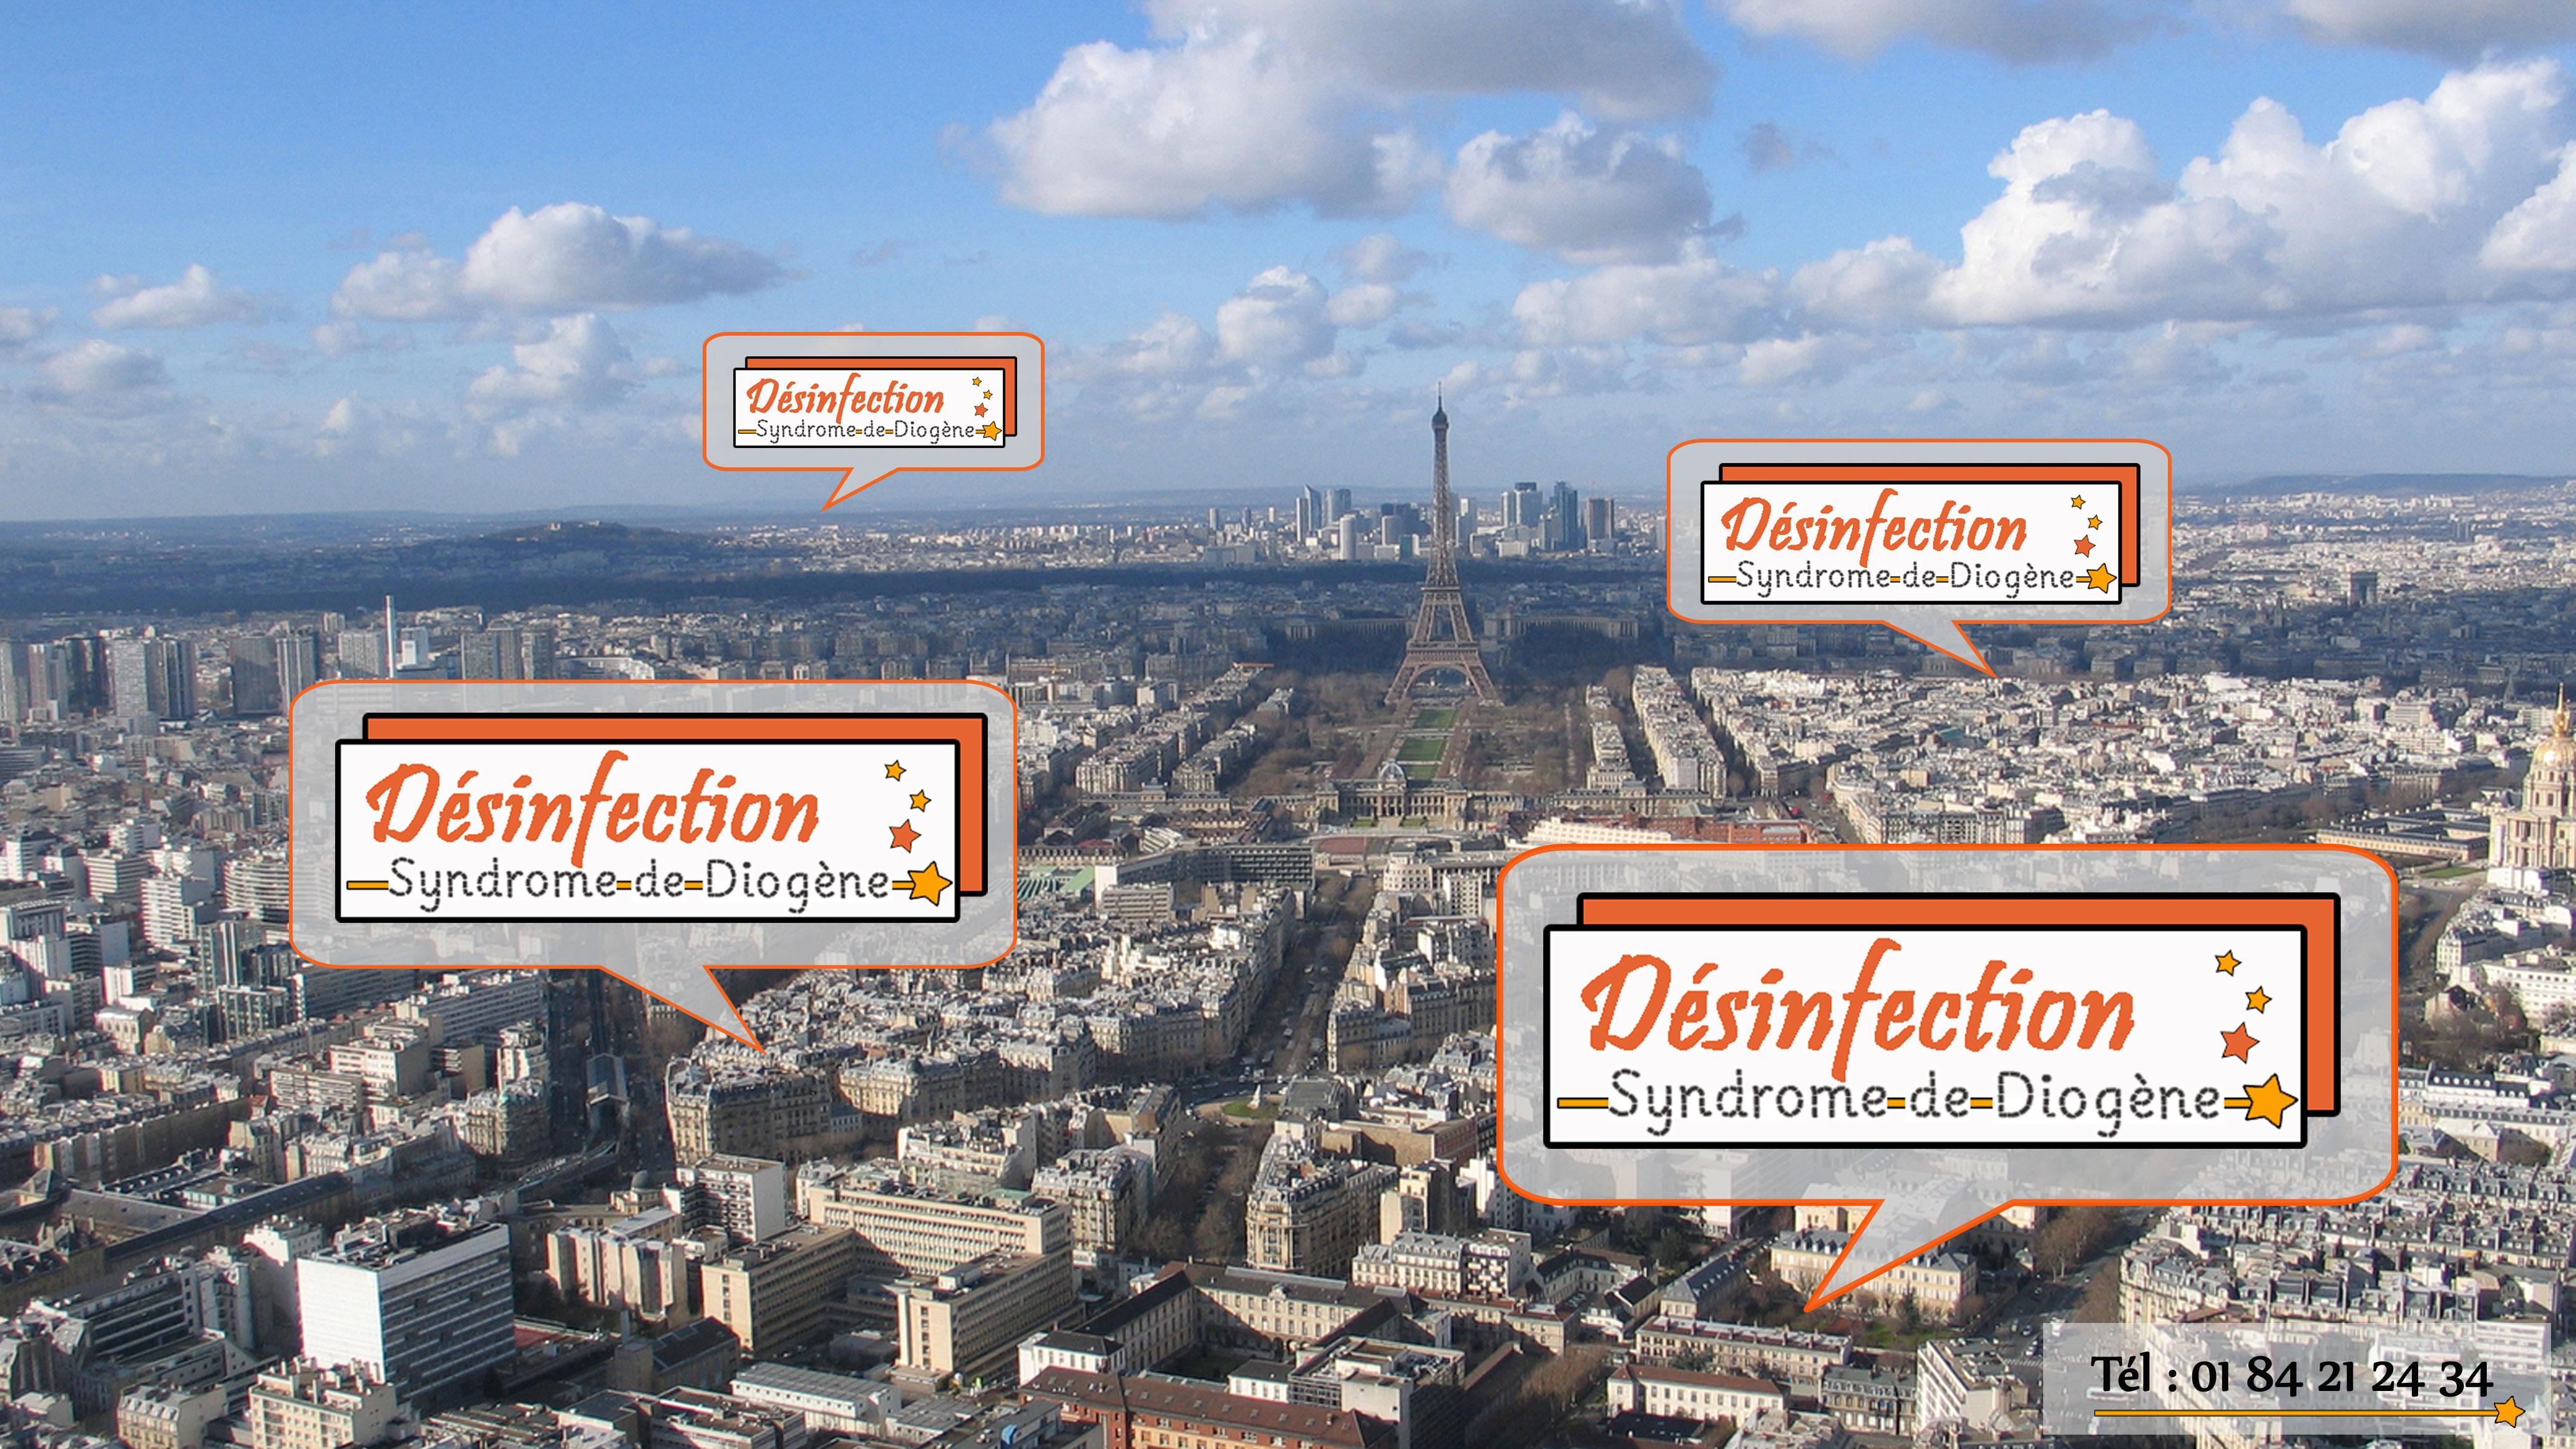 Désinfection Syndrome de Diogène intervient à Paris pour toutes vos demandes de désinfection et de nettoyage de votre logement parisien.